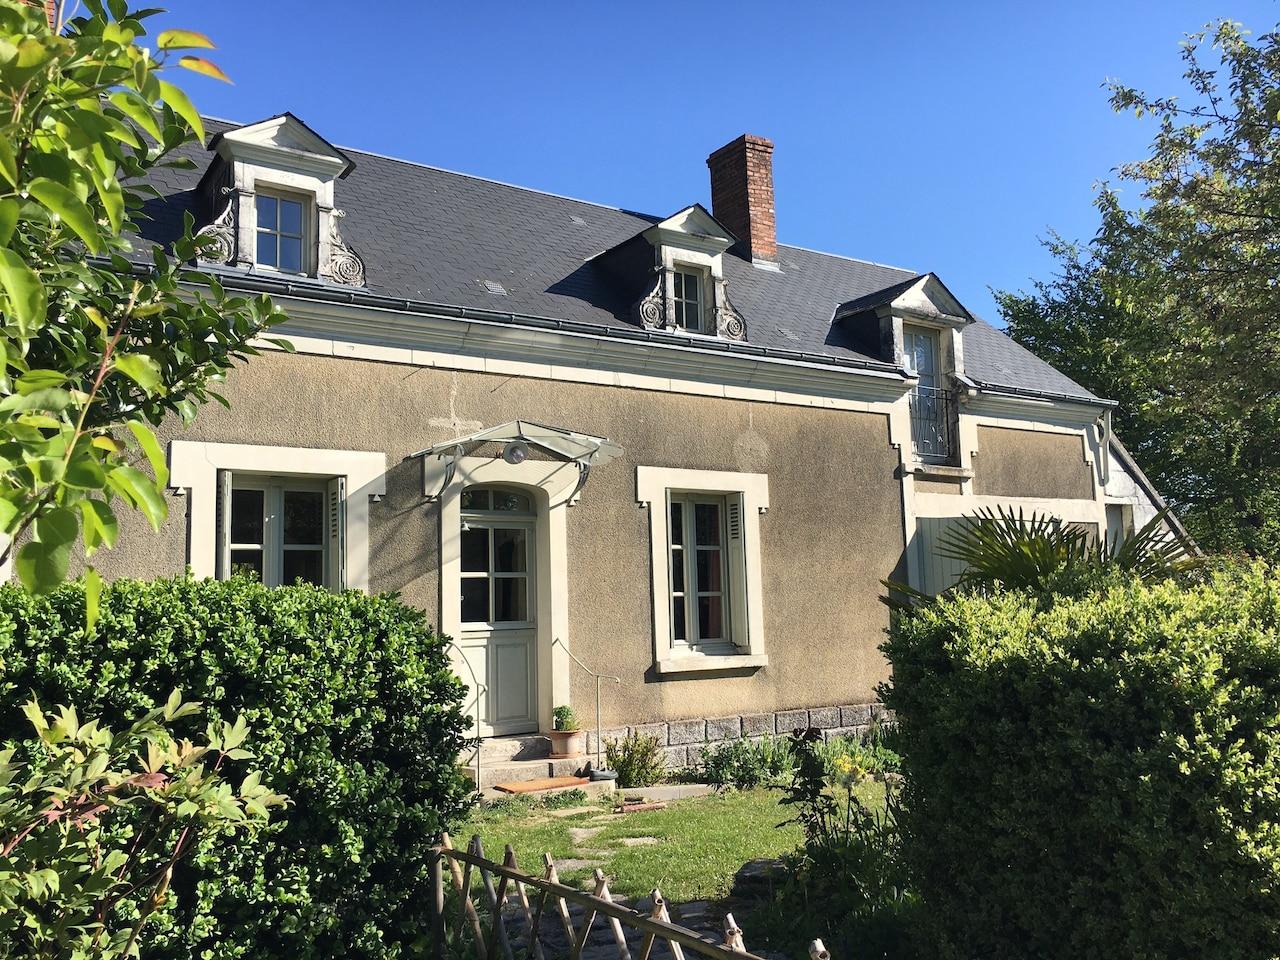 chambres d'hôtes Benoit Peres à Céré la Ronde